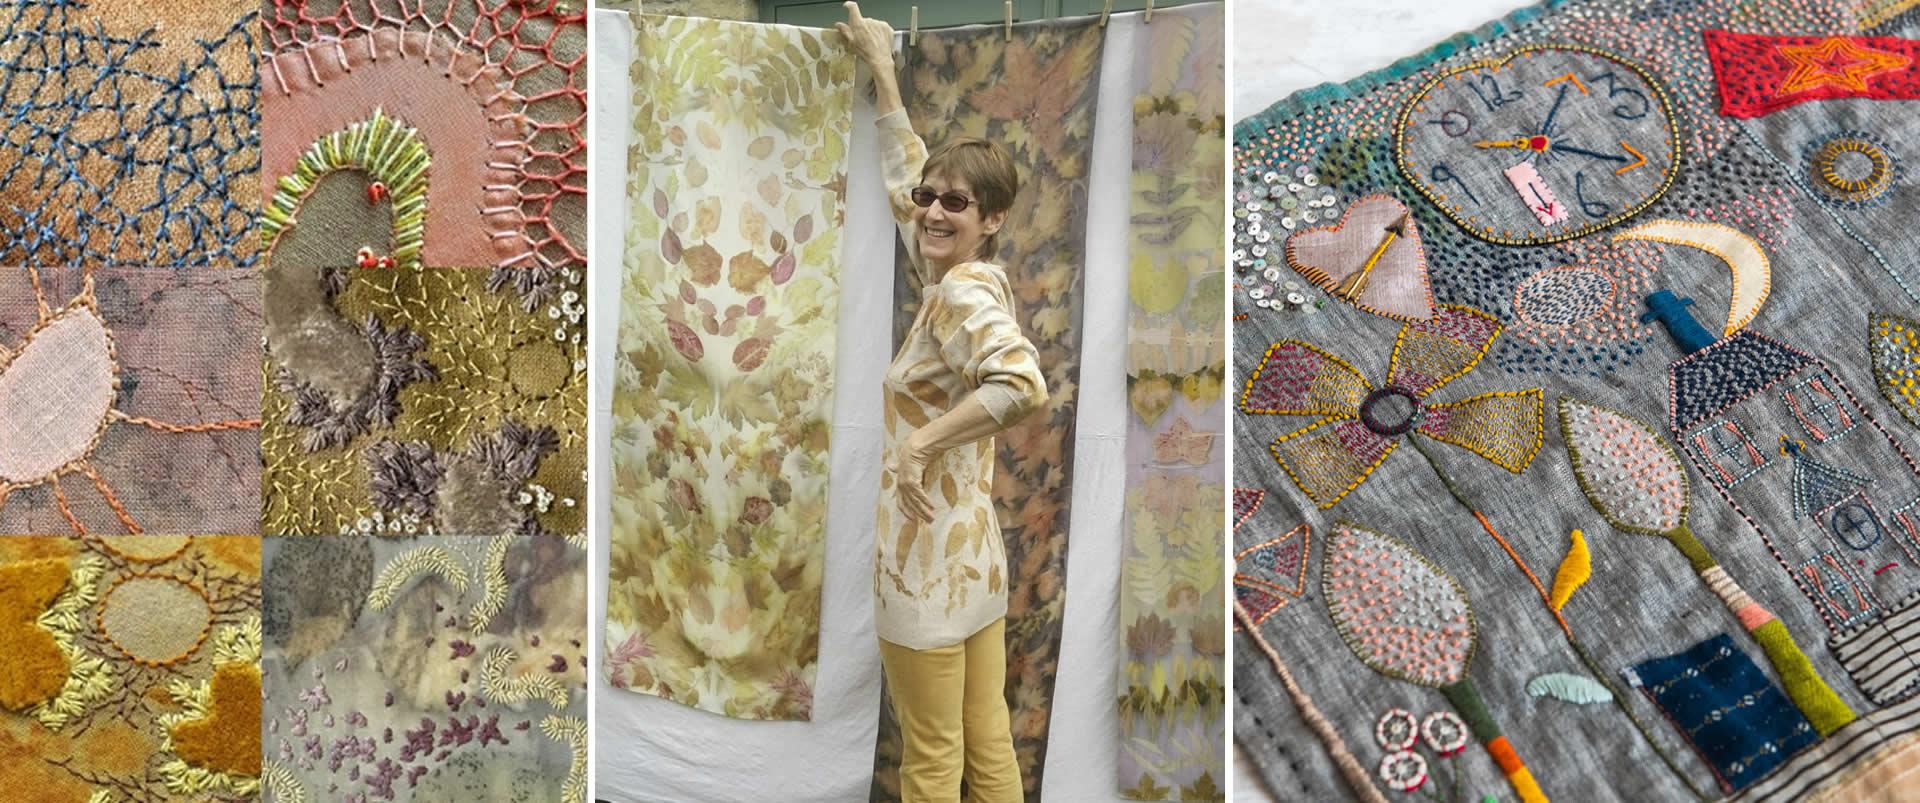 Ateliers d'art et de textile